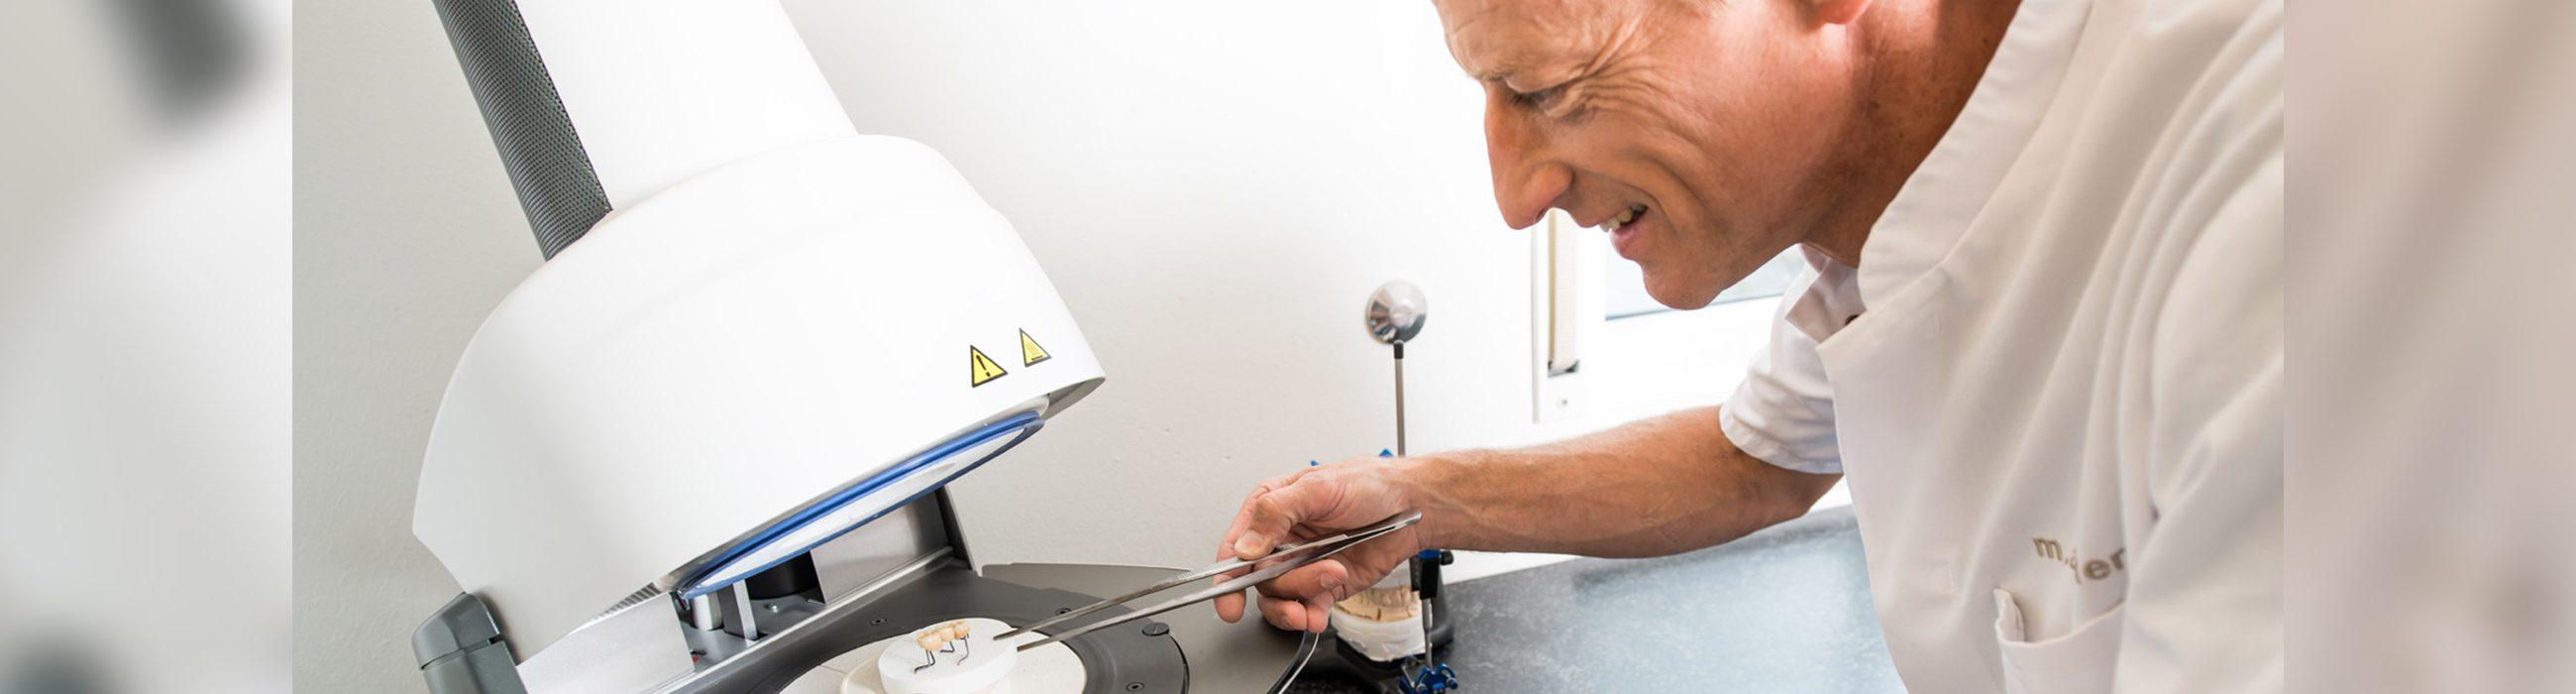 Praxisjob Zahntechniker in der Zahnarztpraxis Reite in Wirges im Westerwald